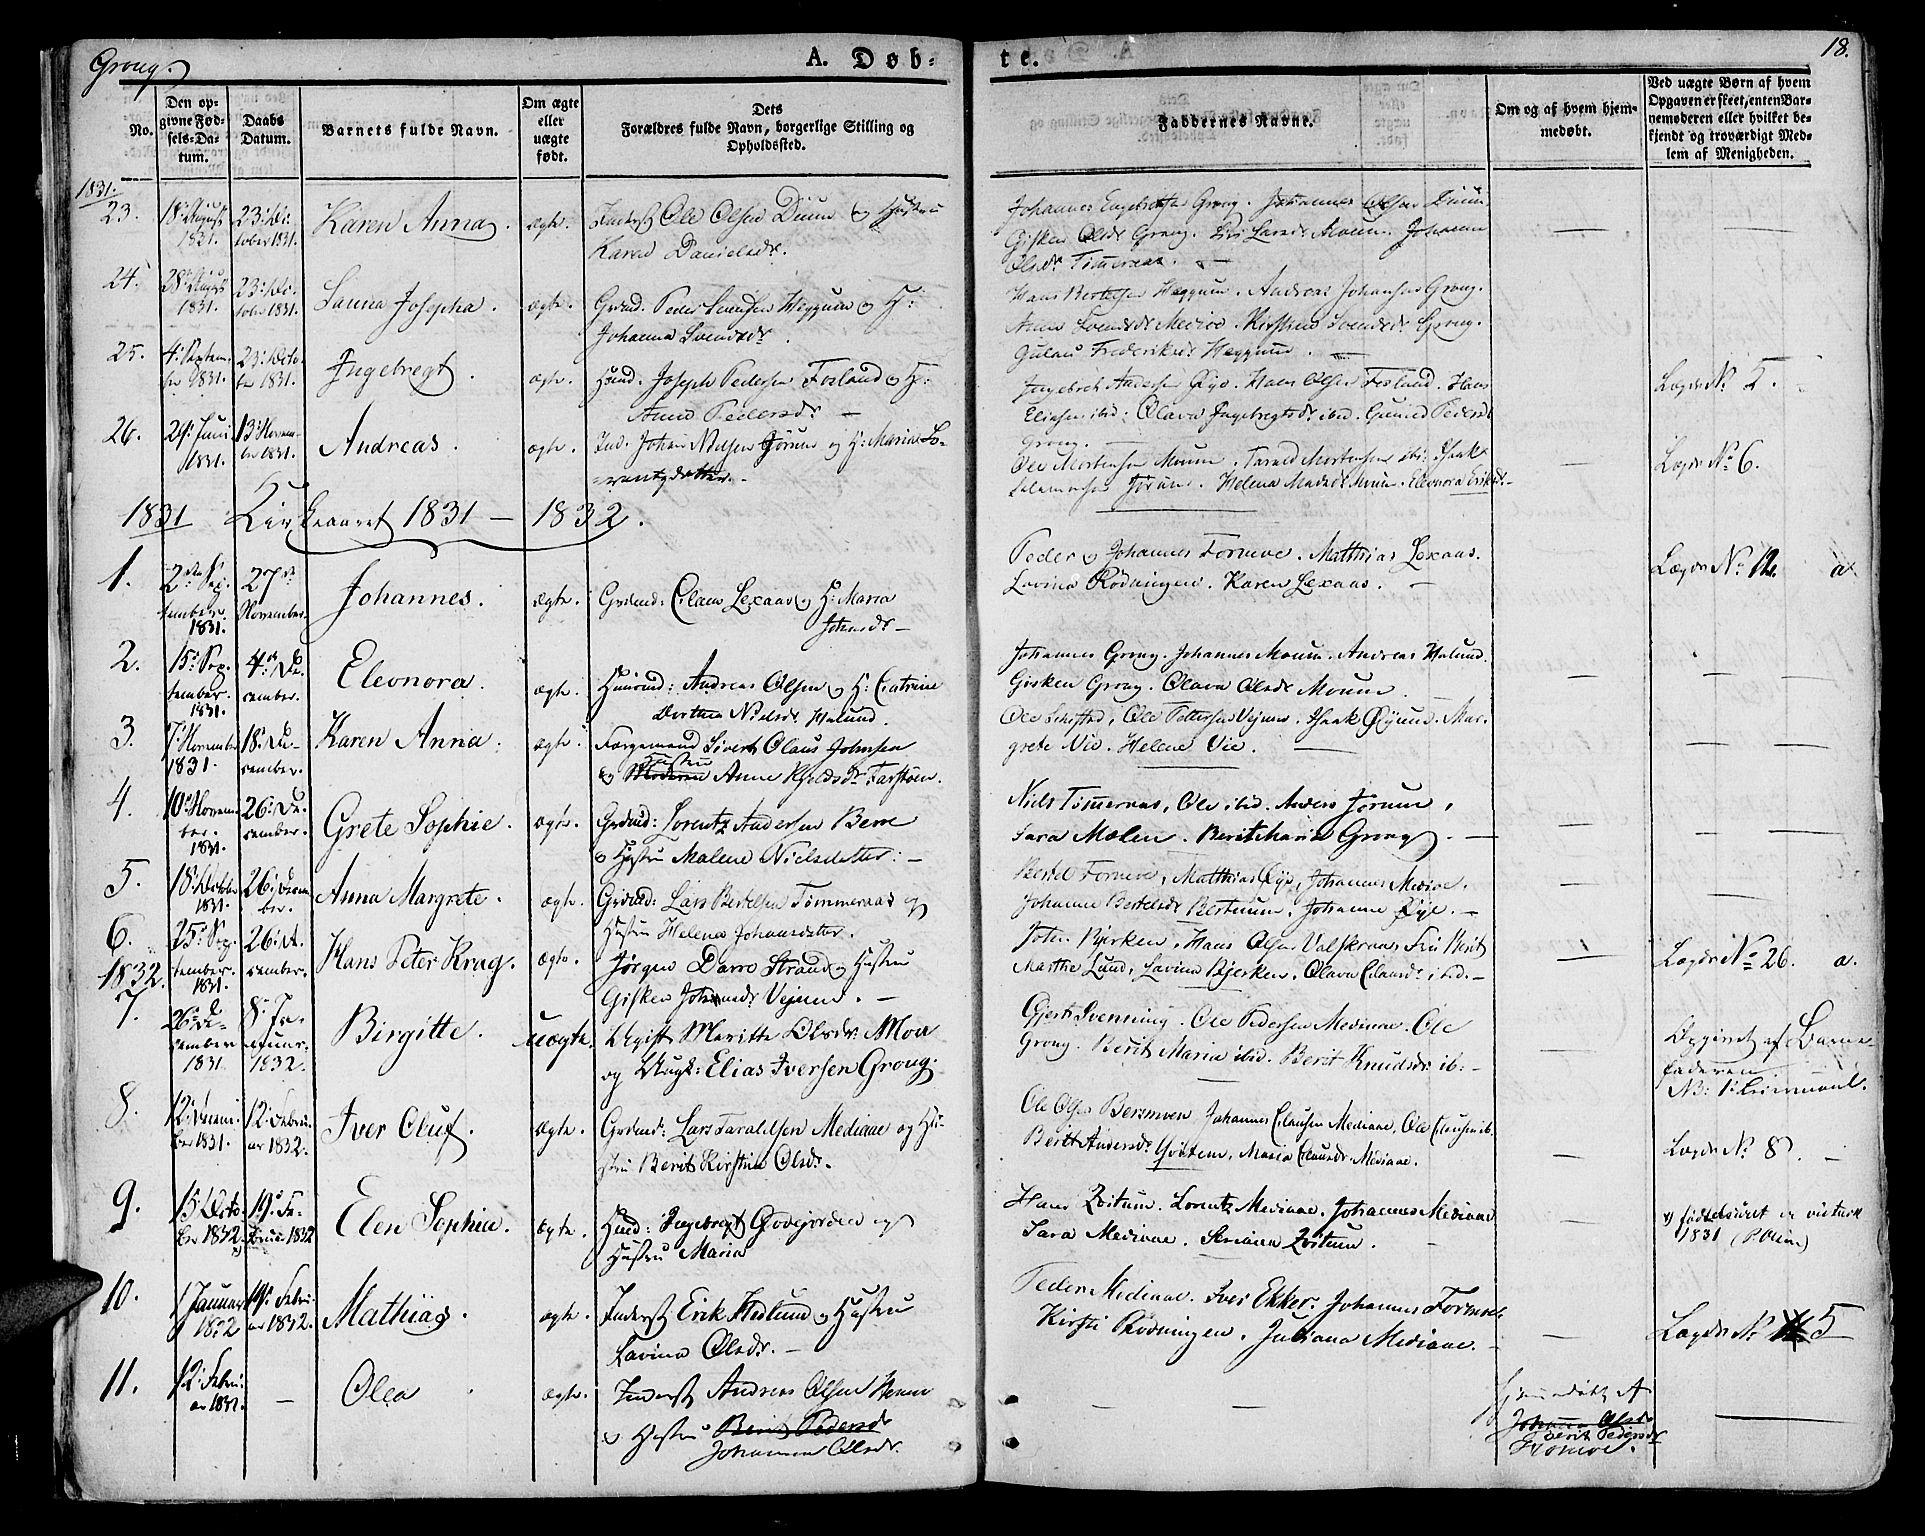 SAT, Ministerialprotokoller, klokkerbøker og fødselsregistre - Nord-Trøndelag, 758/L0510: Ministerialbok nr. 758A01 /1, 1821-1841, s. 18